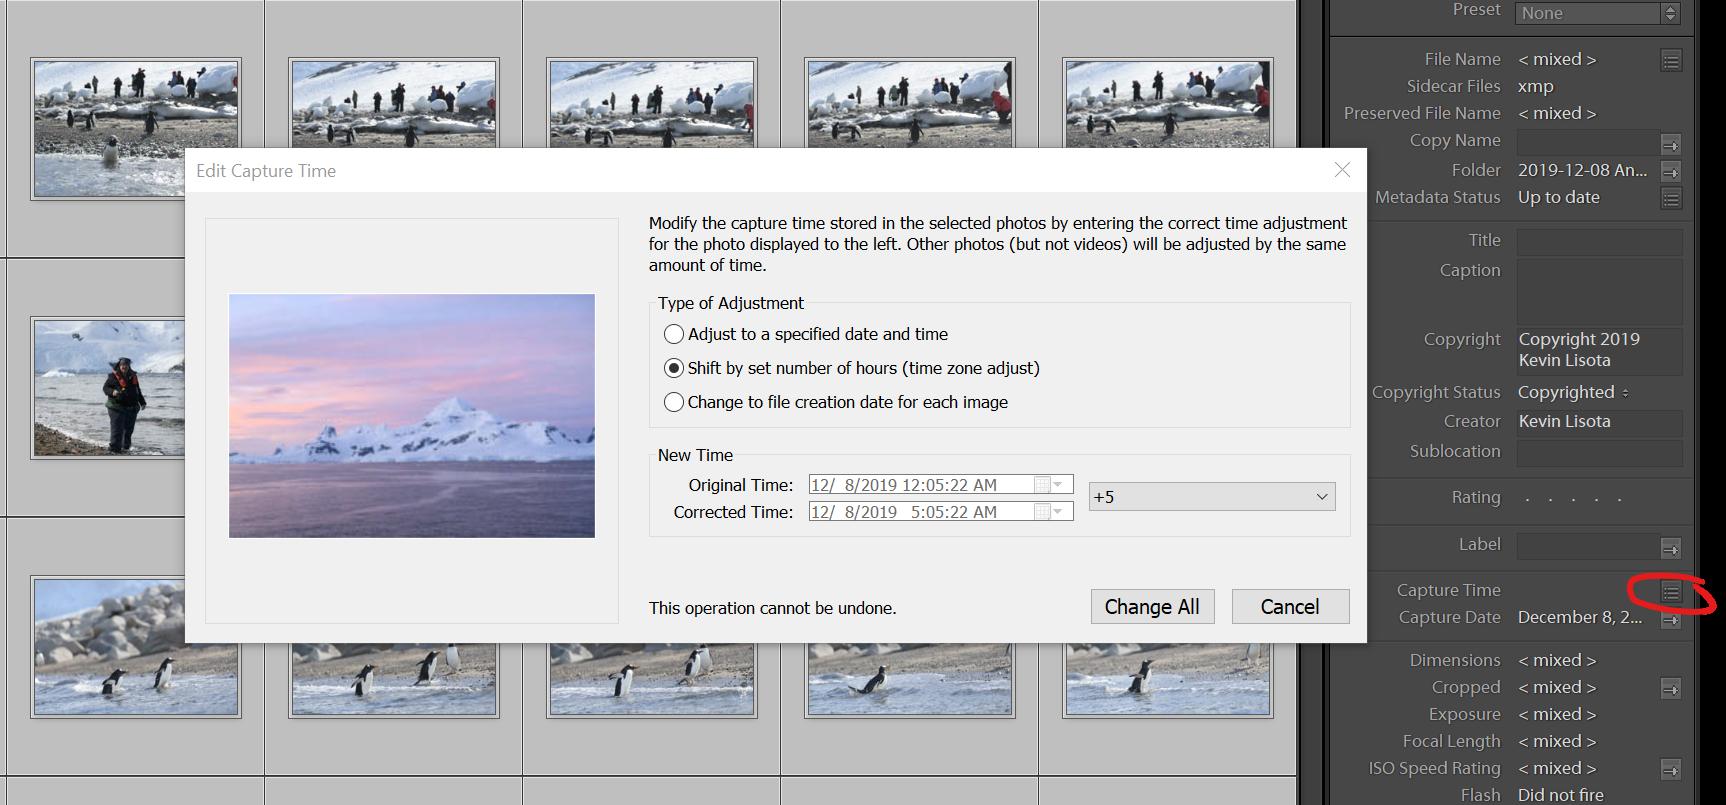 Edit Capture Time in Lightroom